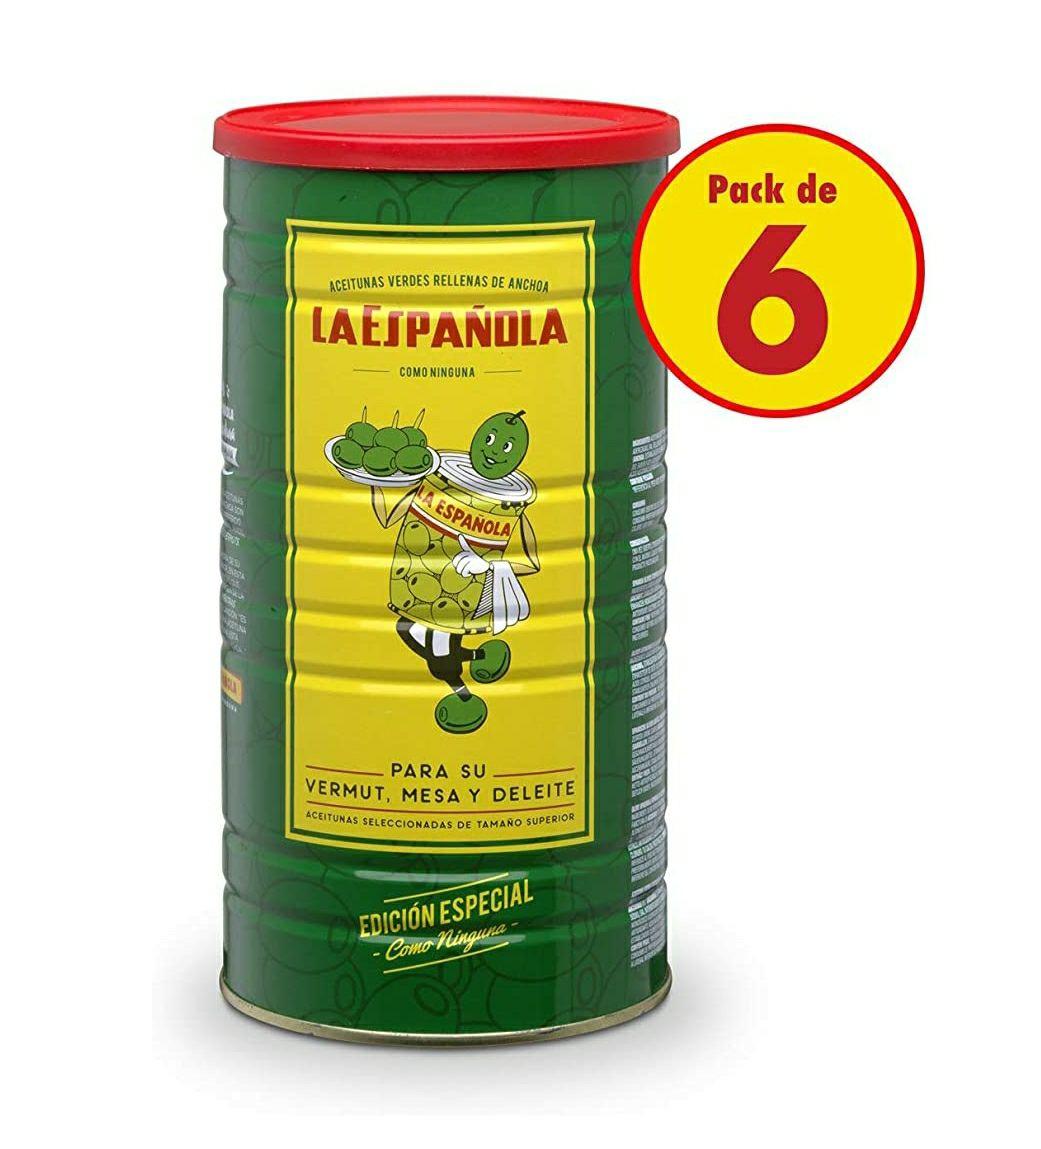 Edición Especial 2kg Rellena de Anchoa La Española (Rellena de Anchoa)pack de 6